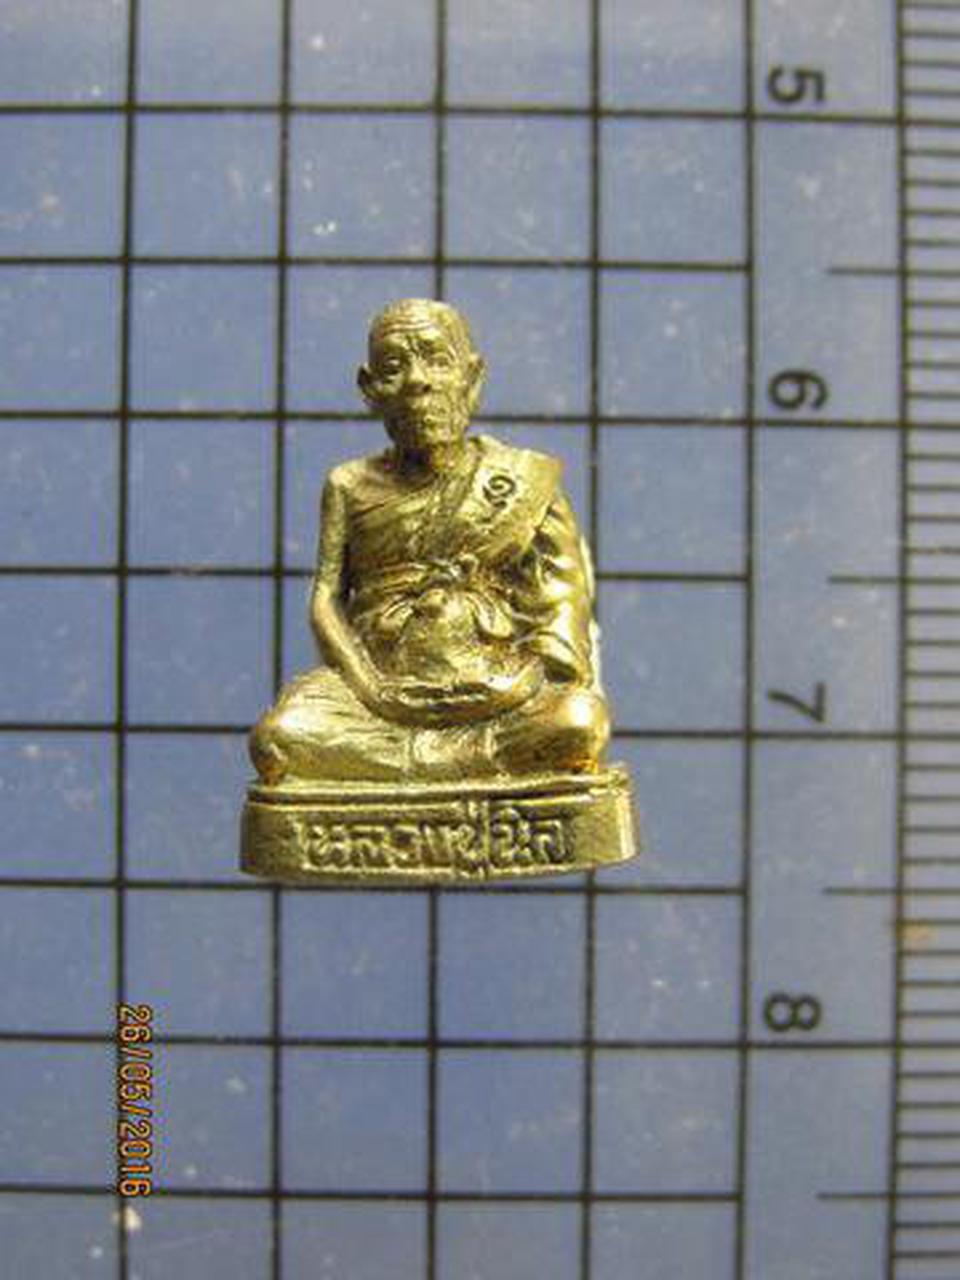 3418 พระรูปหล่อเล็กอุดกริ่งหลวงปู่นิล วัดครบุรี ปี 2536 ที่ร รูปที่ 4